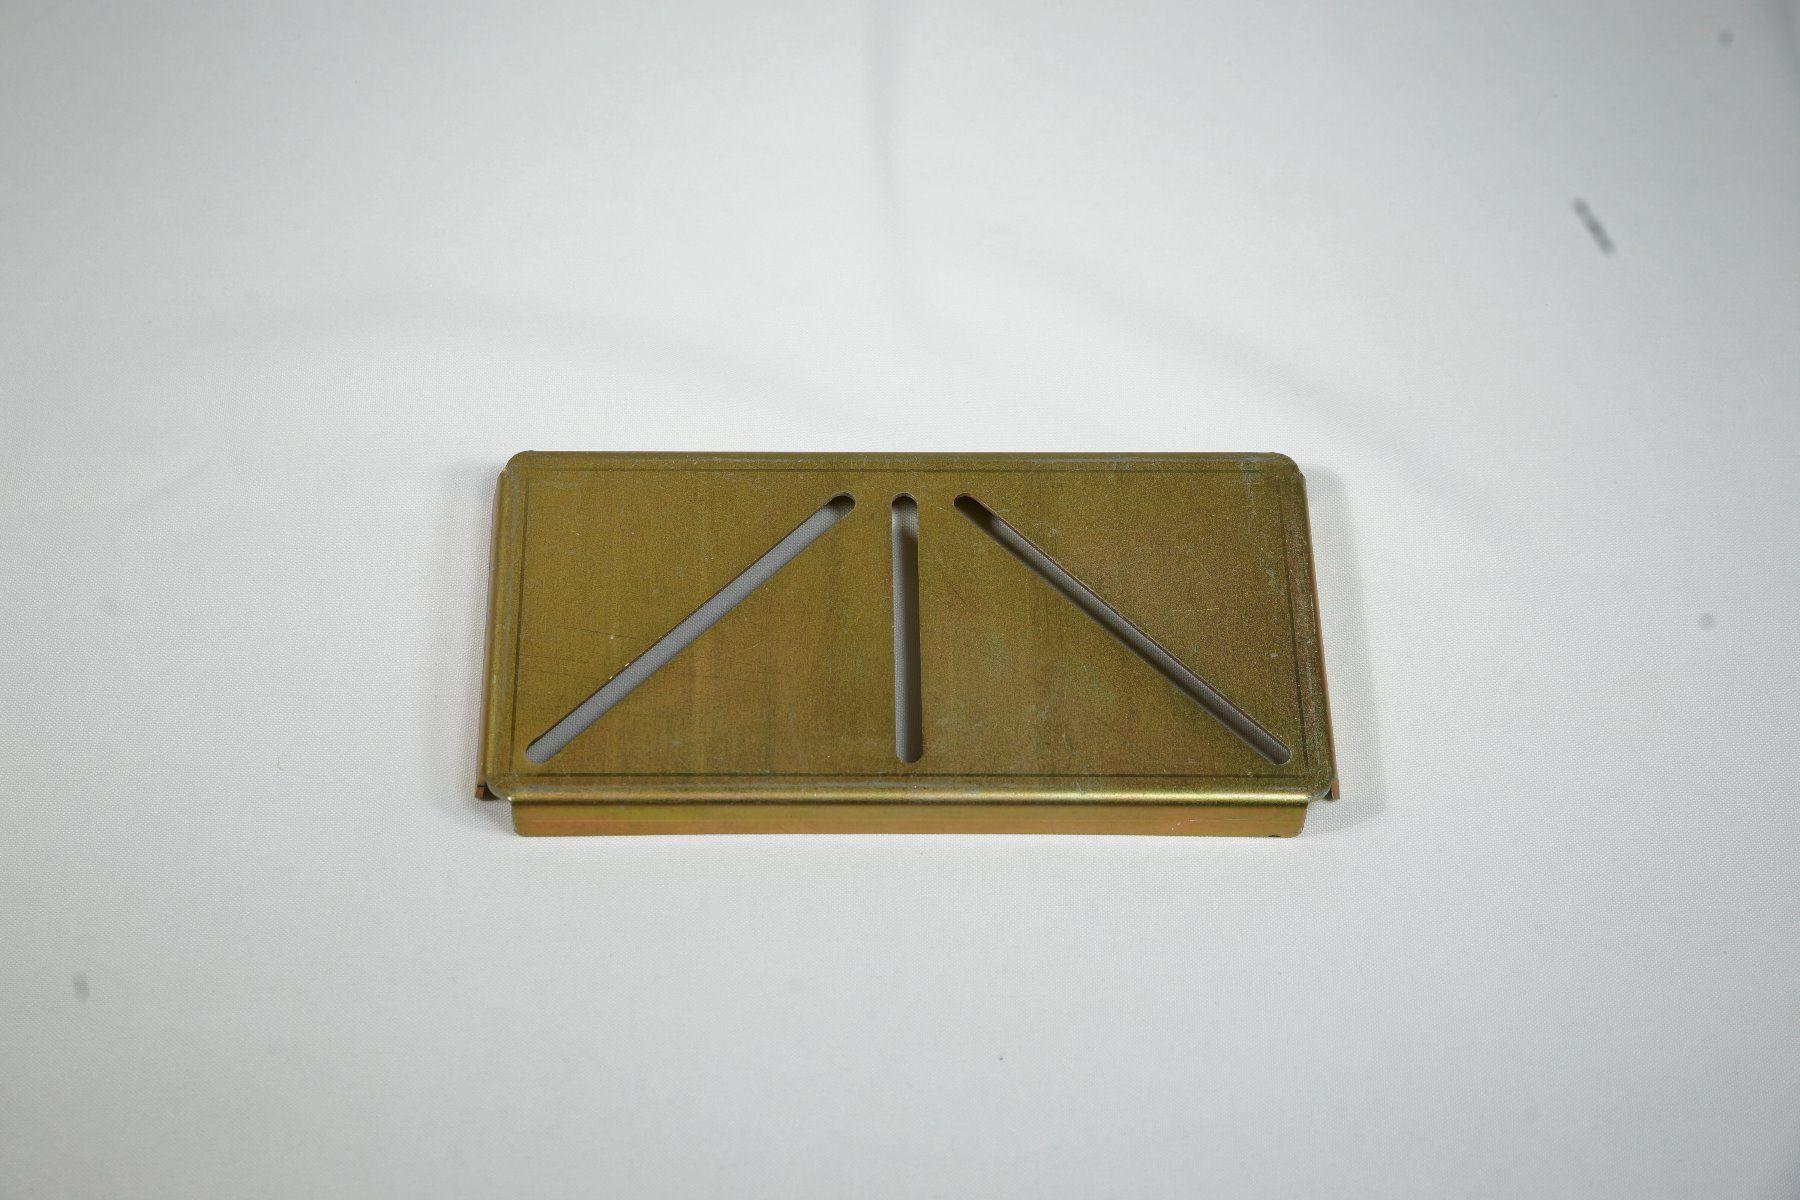 4 x 45 TemplateMARKER-C 4.29 x 8.5 in (109 x 216 mm)